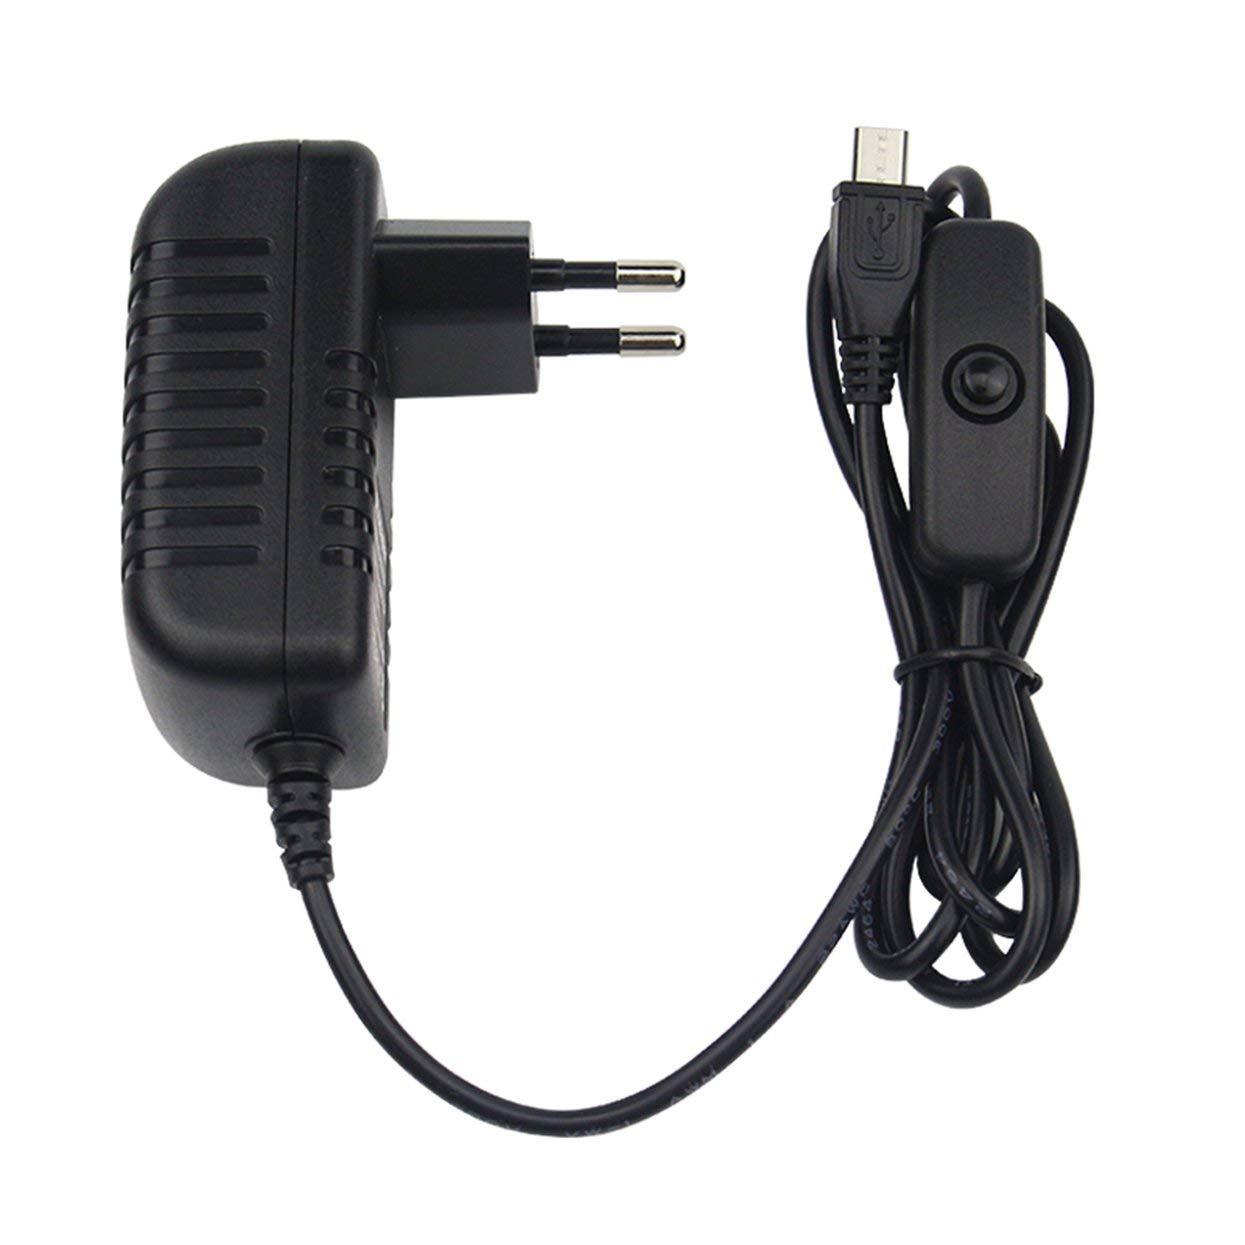 Tree-of-Life 5V 3A Alimentatore Caricabatterie Adattatore CA Cavo Micro USB con Interruttore On//off per Raspberry Pi 3 pi PRO Modello B B Plus